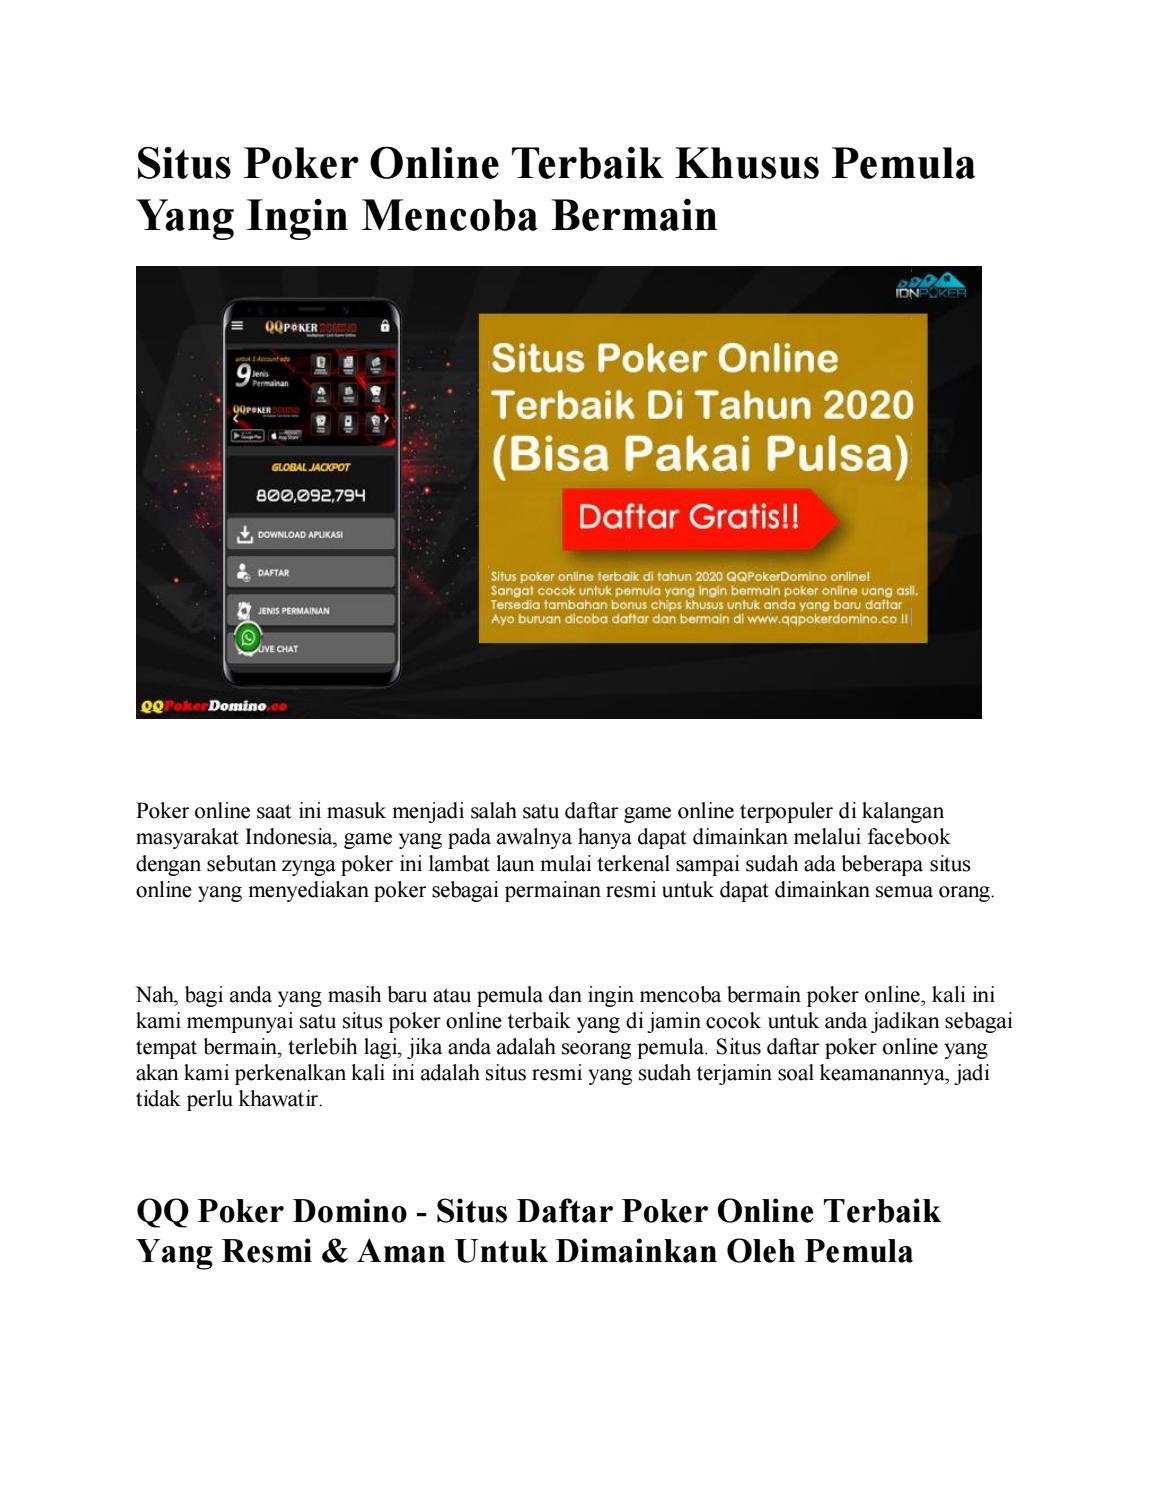 Poker Online Terbaik Di Tahun 2020 Bisa Pakai Pulsa By Idnpokerr99 Issuu